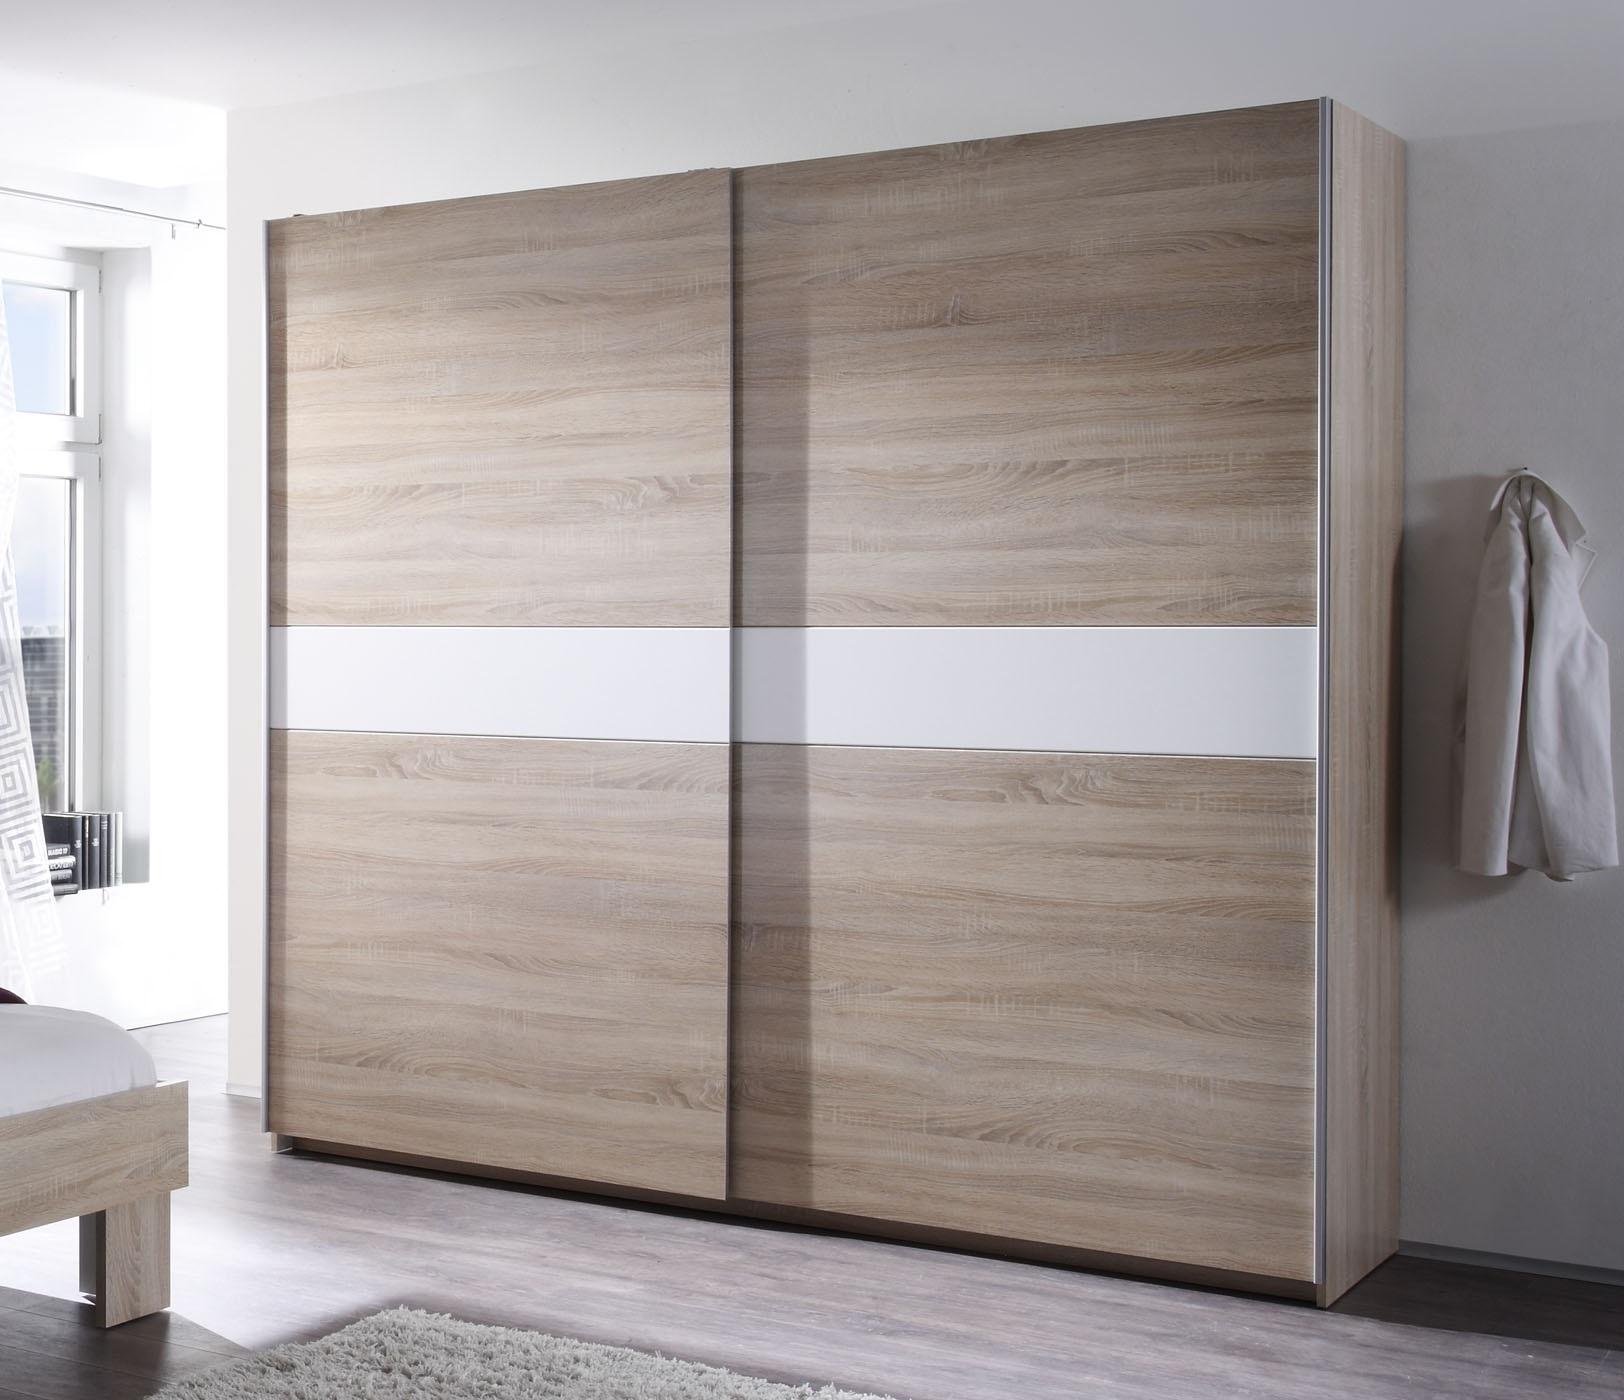 vanti schwebet renschrank in 2 farbausf hrungen eiche sonoma bauchbinde wei. Black Bedroom Furniture Sets. Home Design Ideas